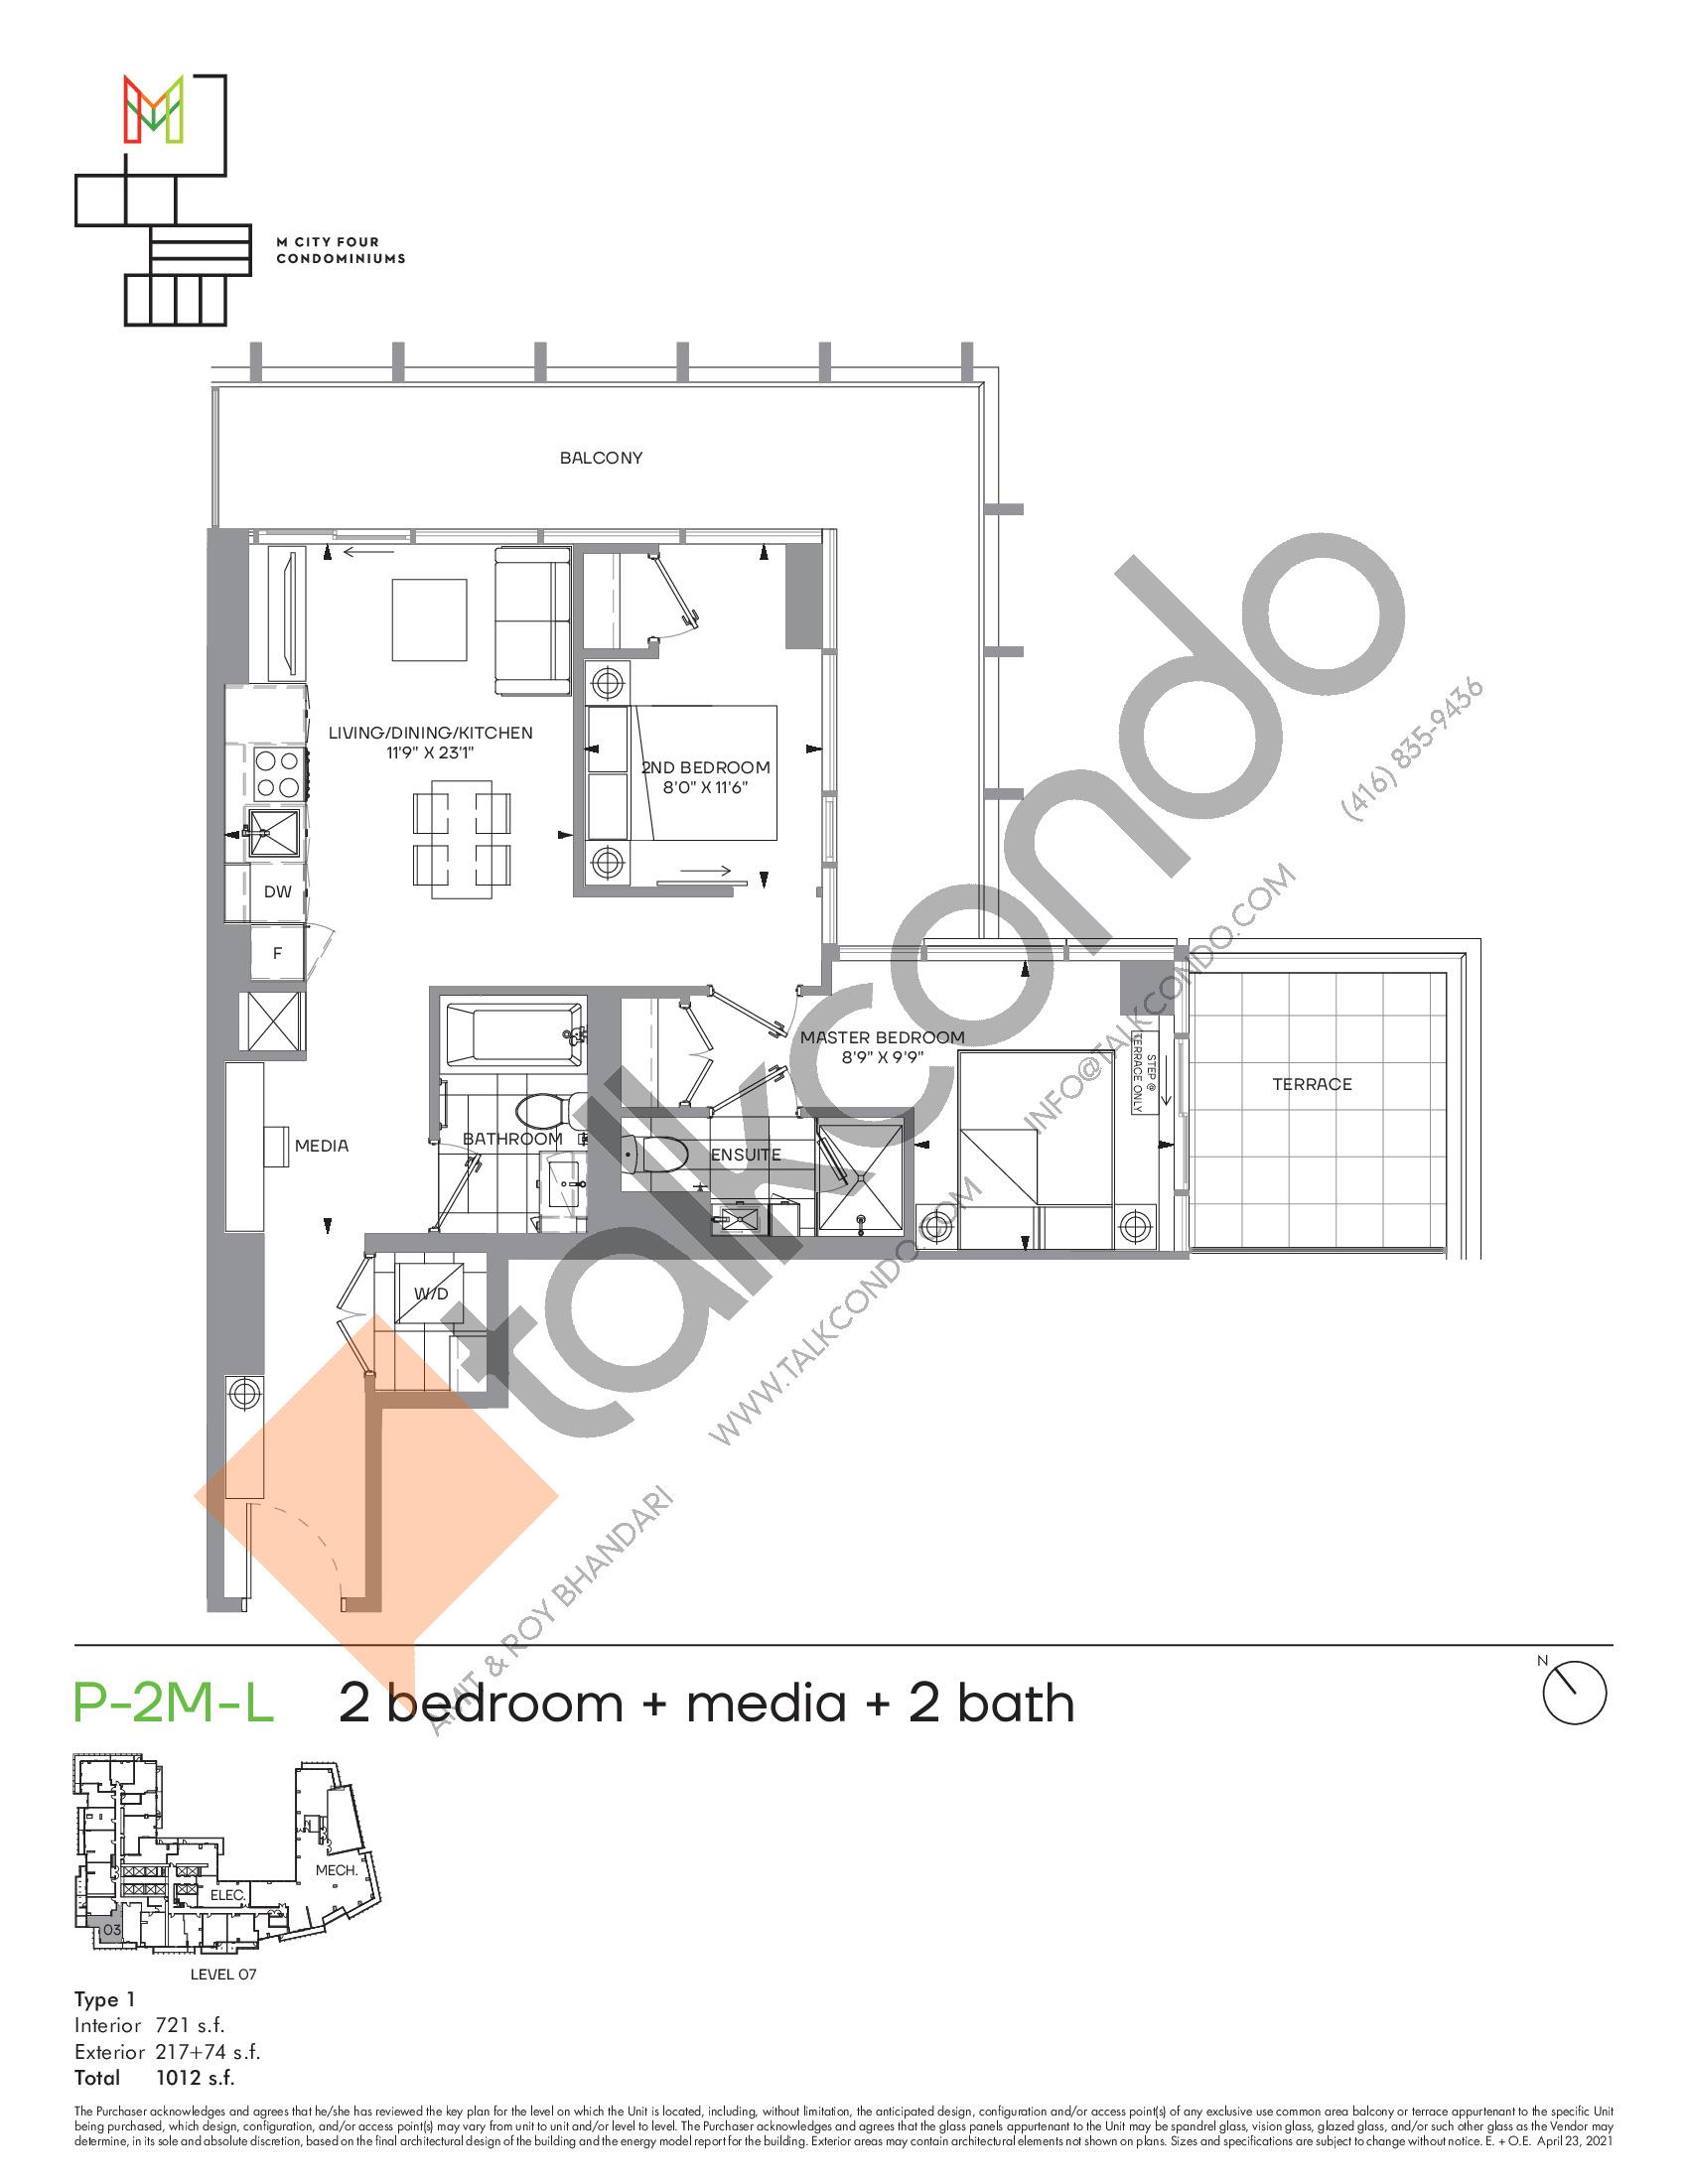 P-2M-L (Podium) Floor Plan at M4 Condos - 721 sq.ft